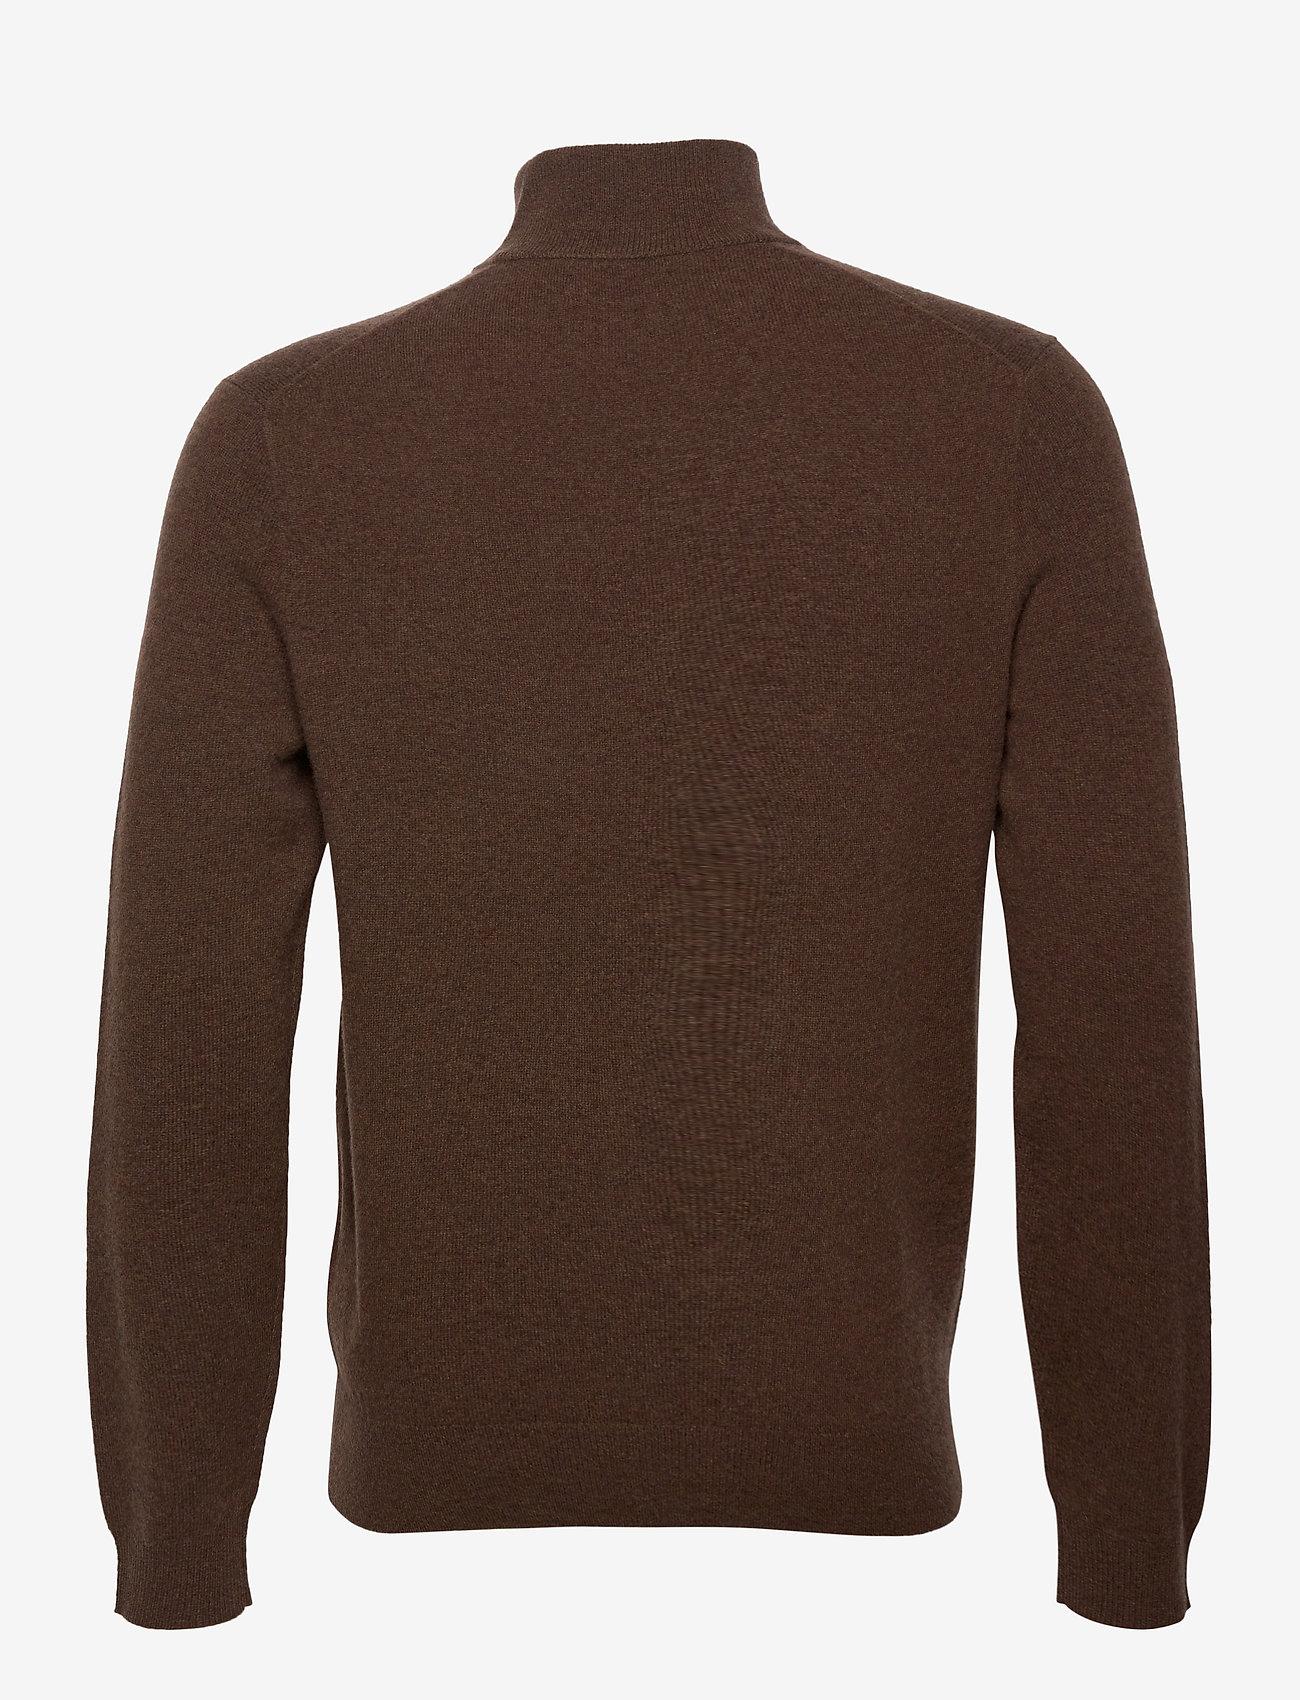 Polo Ralph Lauren - LS HZ PP-LONG SLEEVE-SWEATER - turtlenecks - brown heather - 1